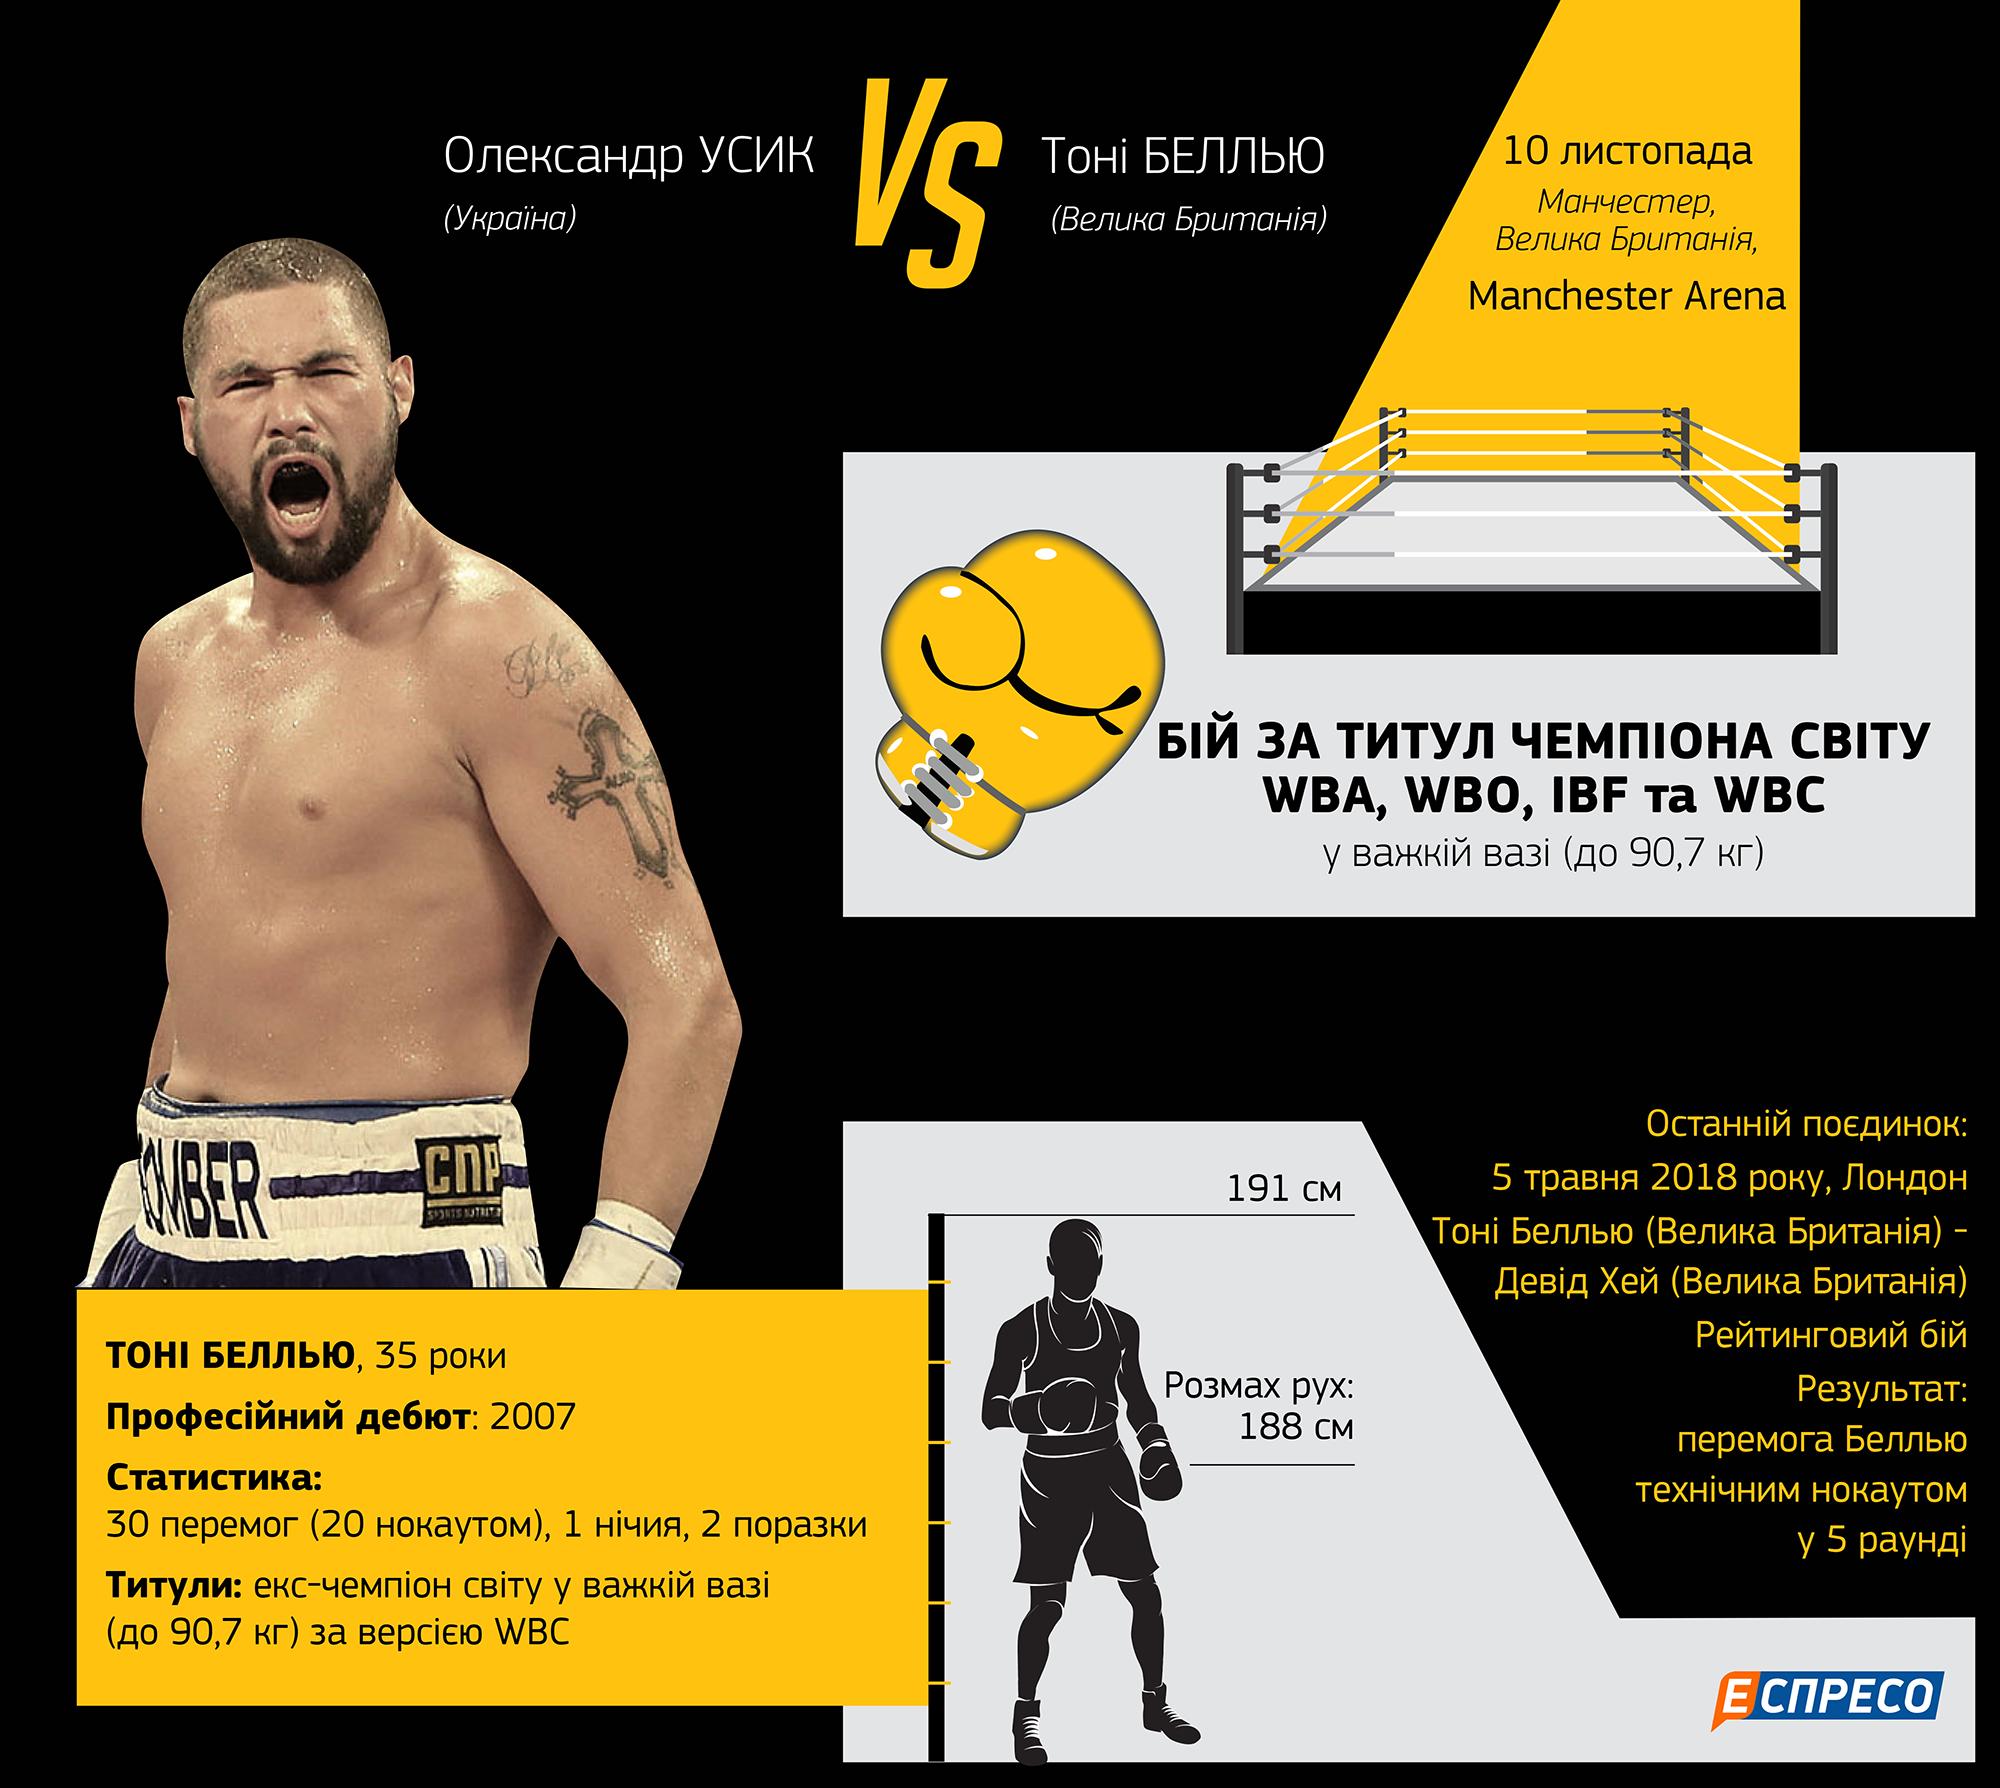 Усик - Беллью. 5 фактов о супербое украинца против британца